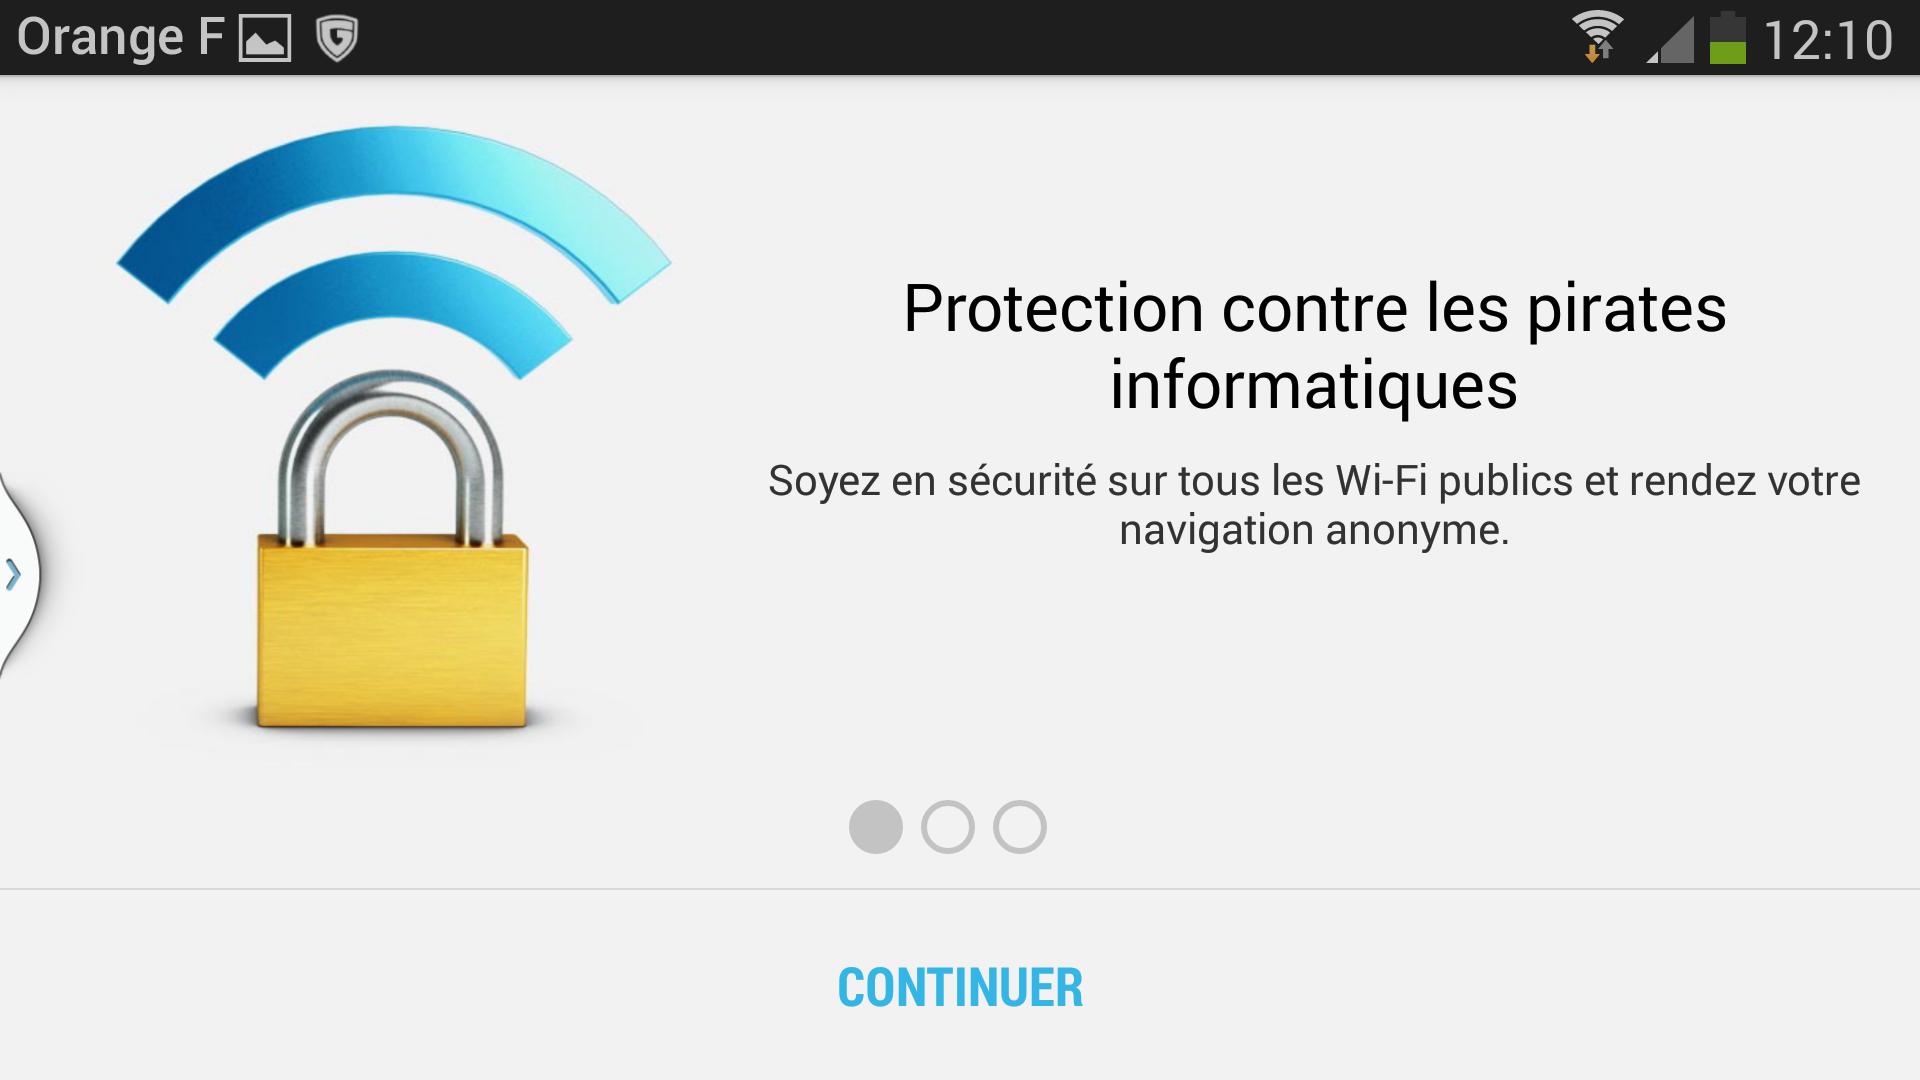 connexions wifi gratuites VPNs